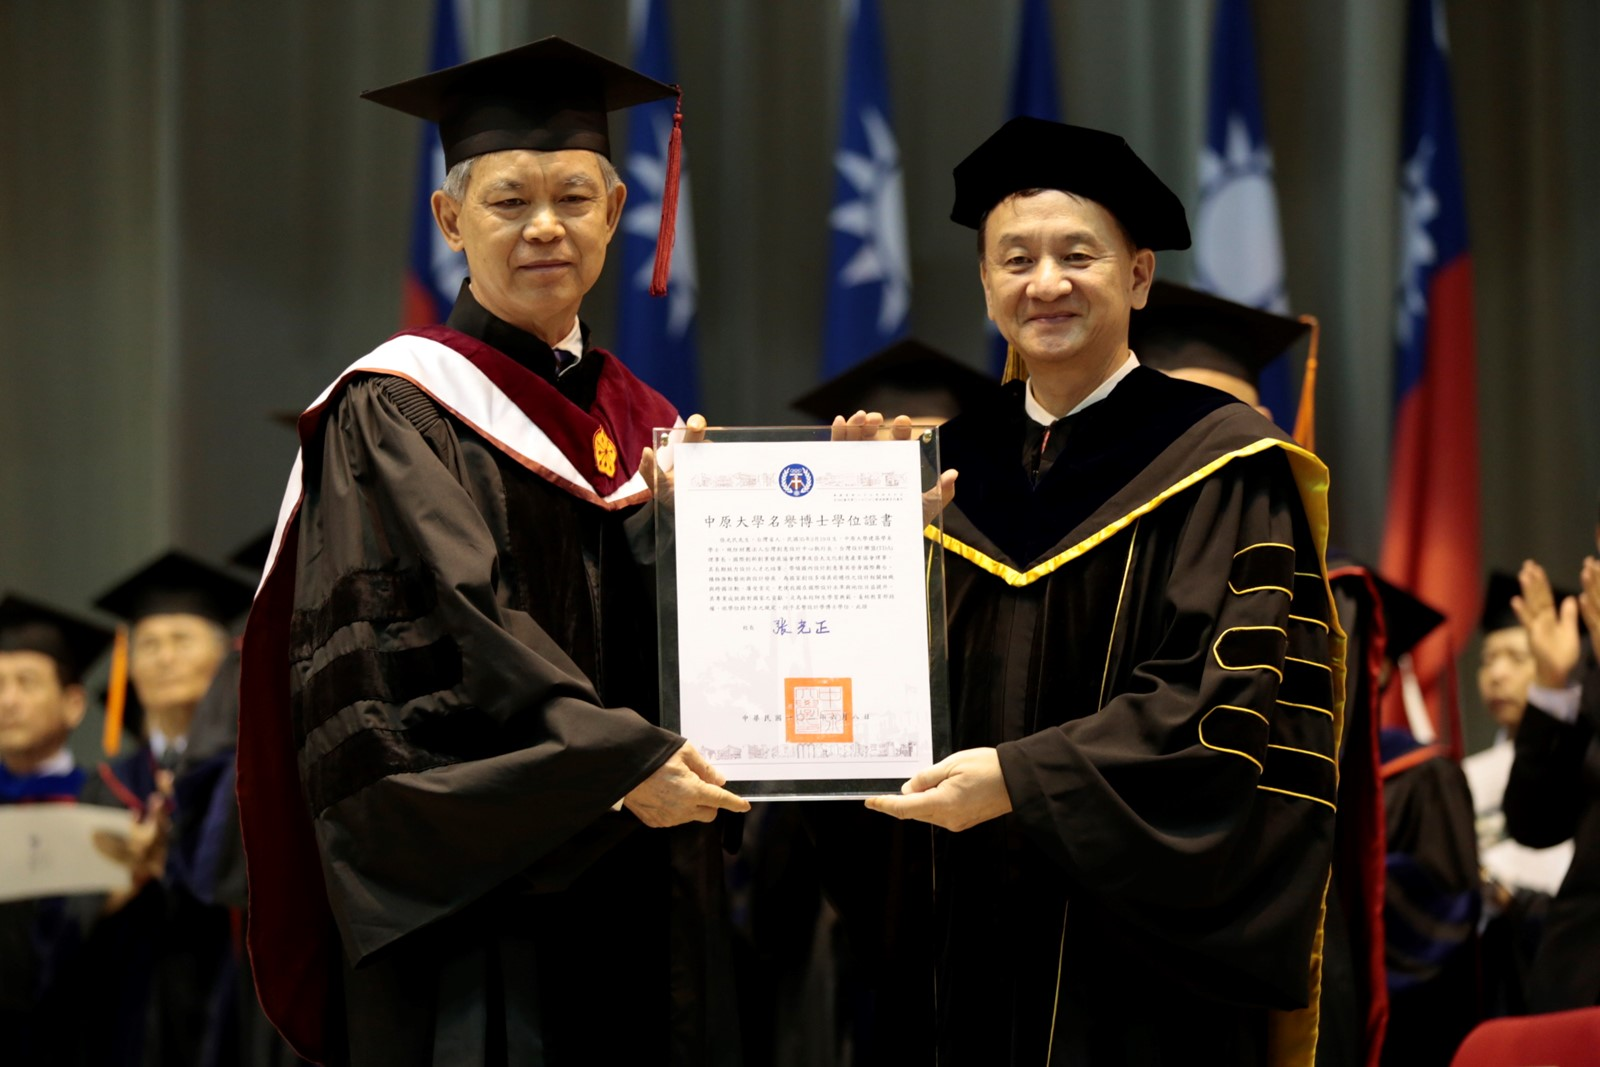 2013年張光民學長獲頒中原大學名譽博士學位。.jpg